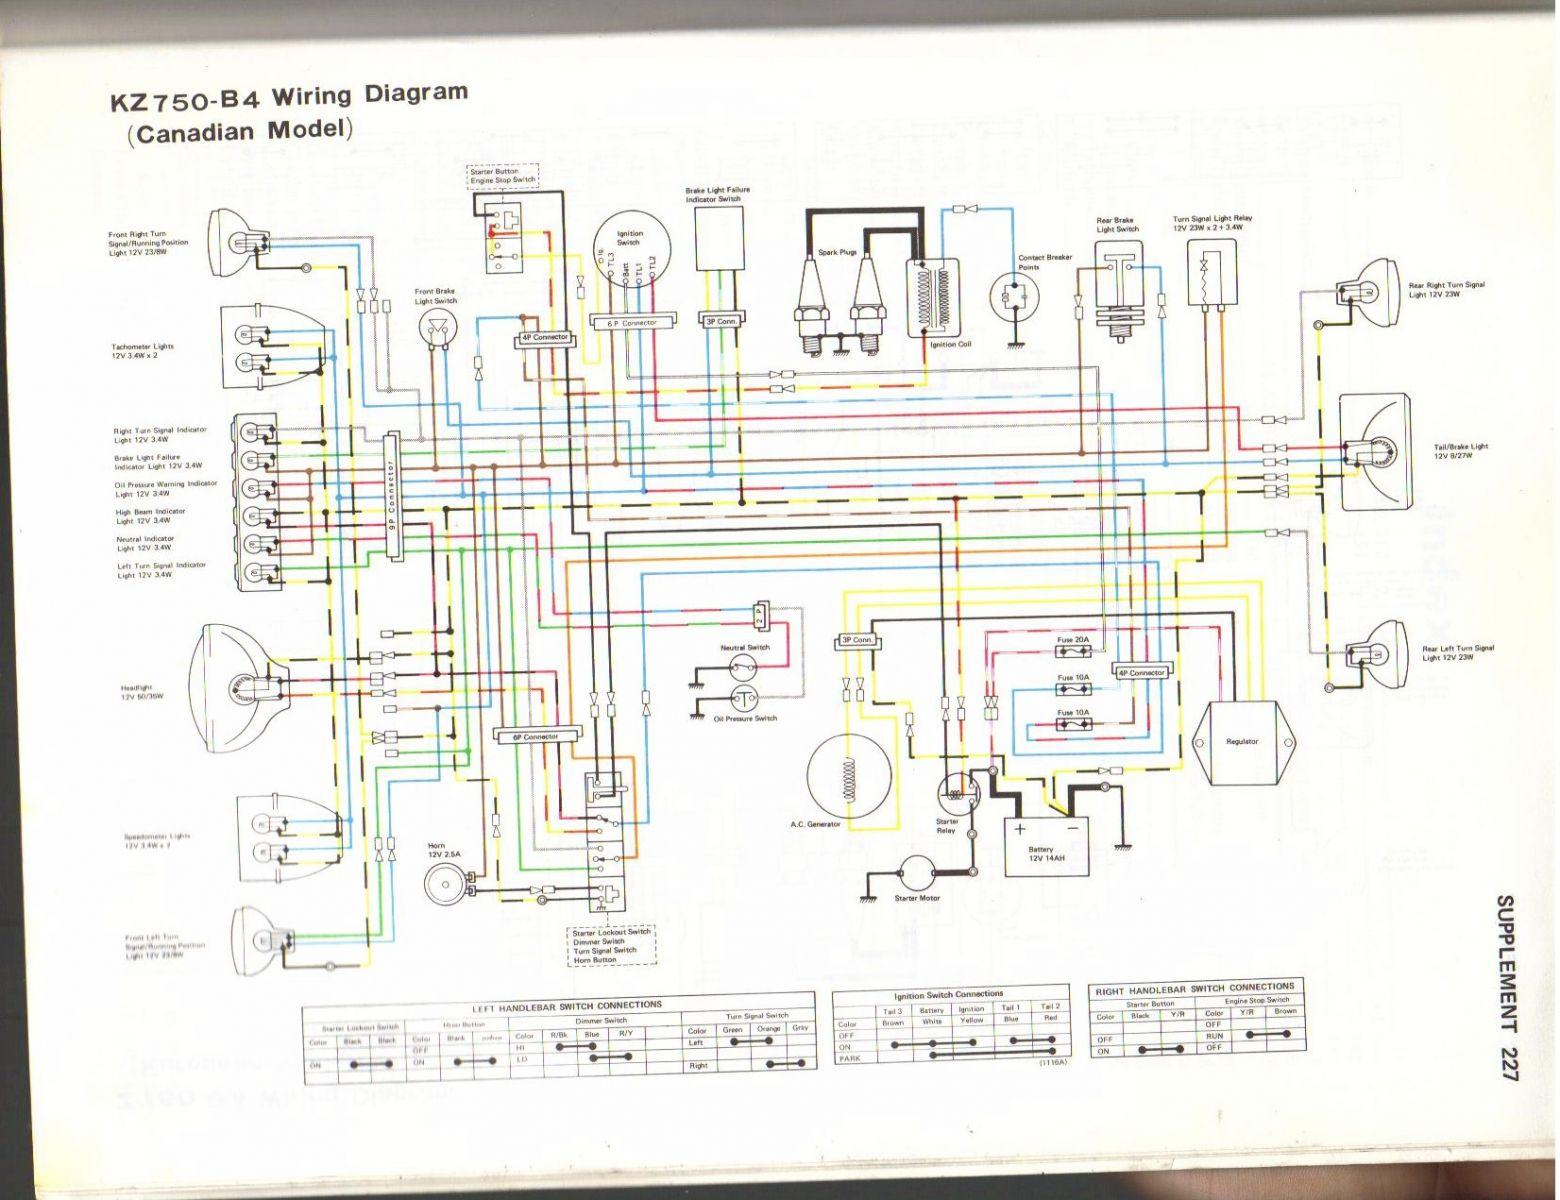 1978 Kz750 Wiring Diagram Diagrams Schema Kawasaki Schematic Breaking Up Kzrider Forum Kz Z1 Z Motorcycle